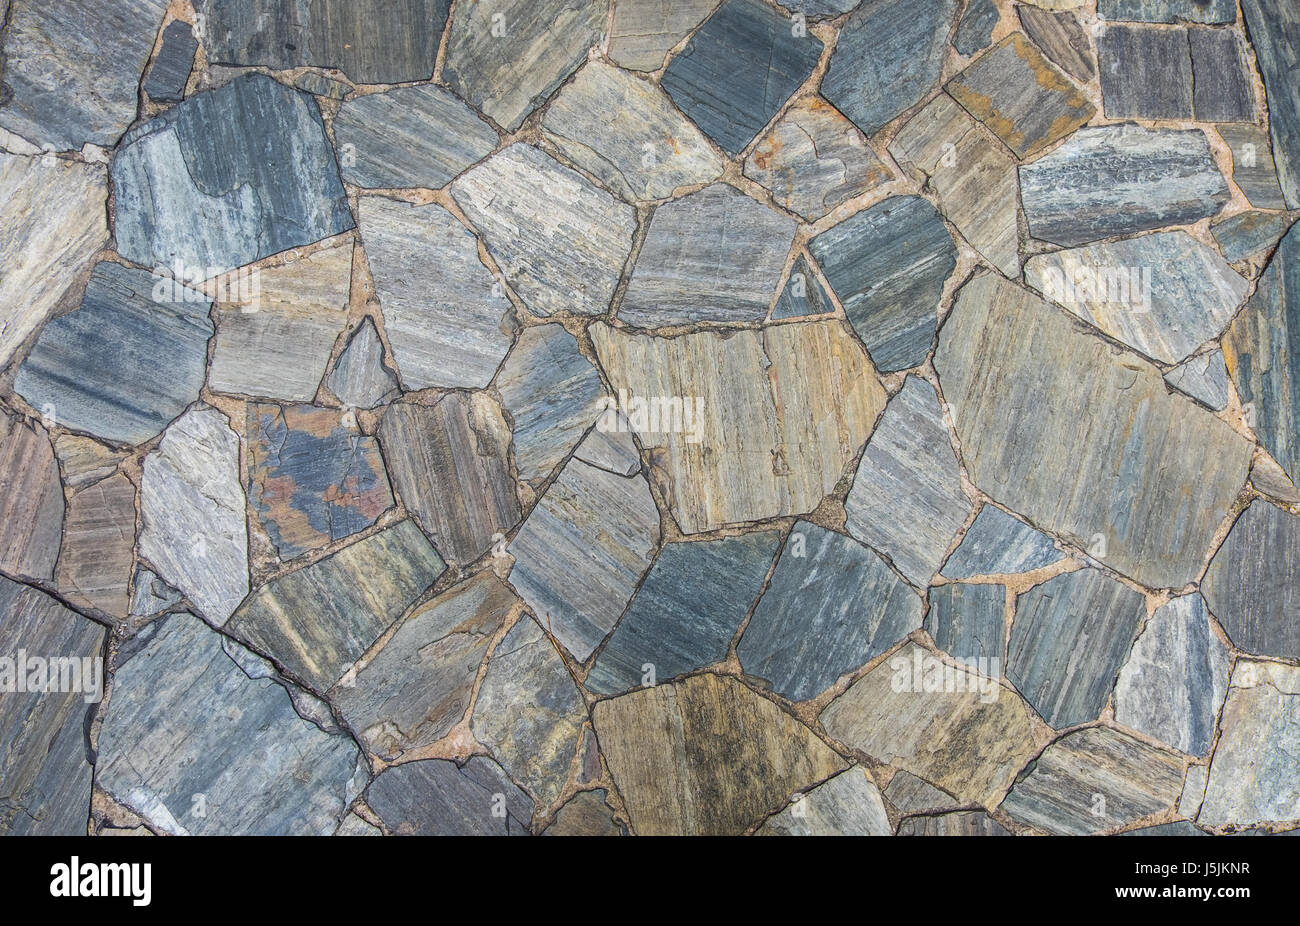 Schiefer Naturstein Boden Und Wand Textur In Zufalliger Grosse Muster